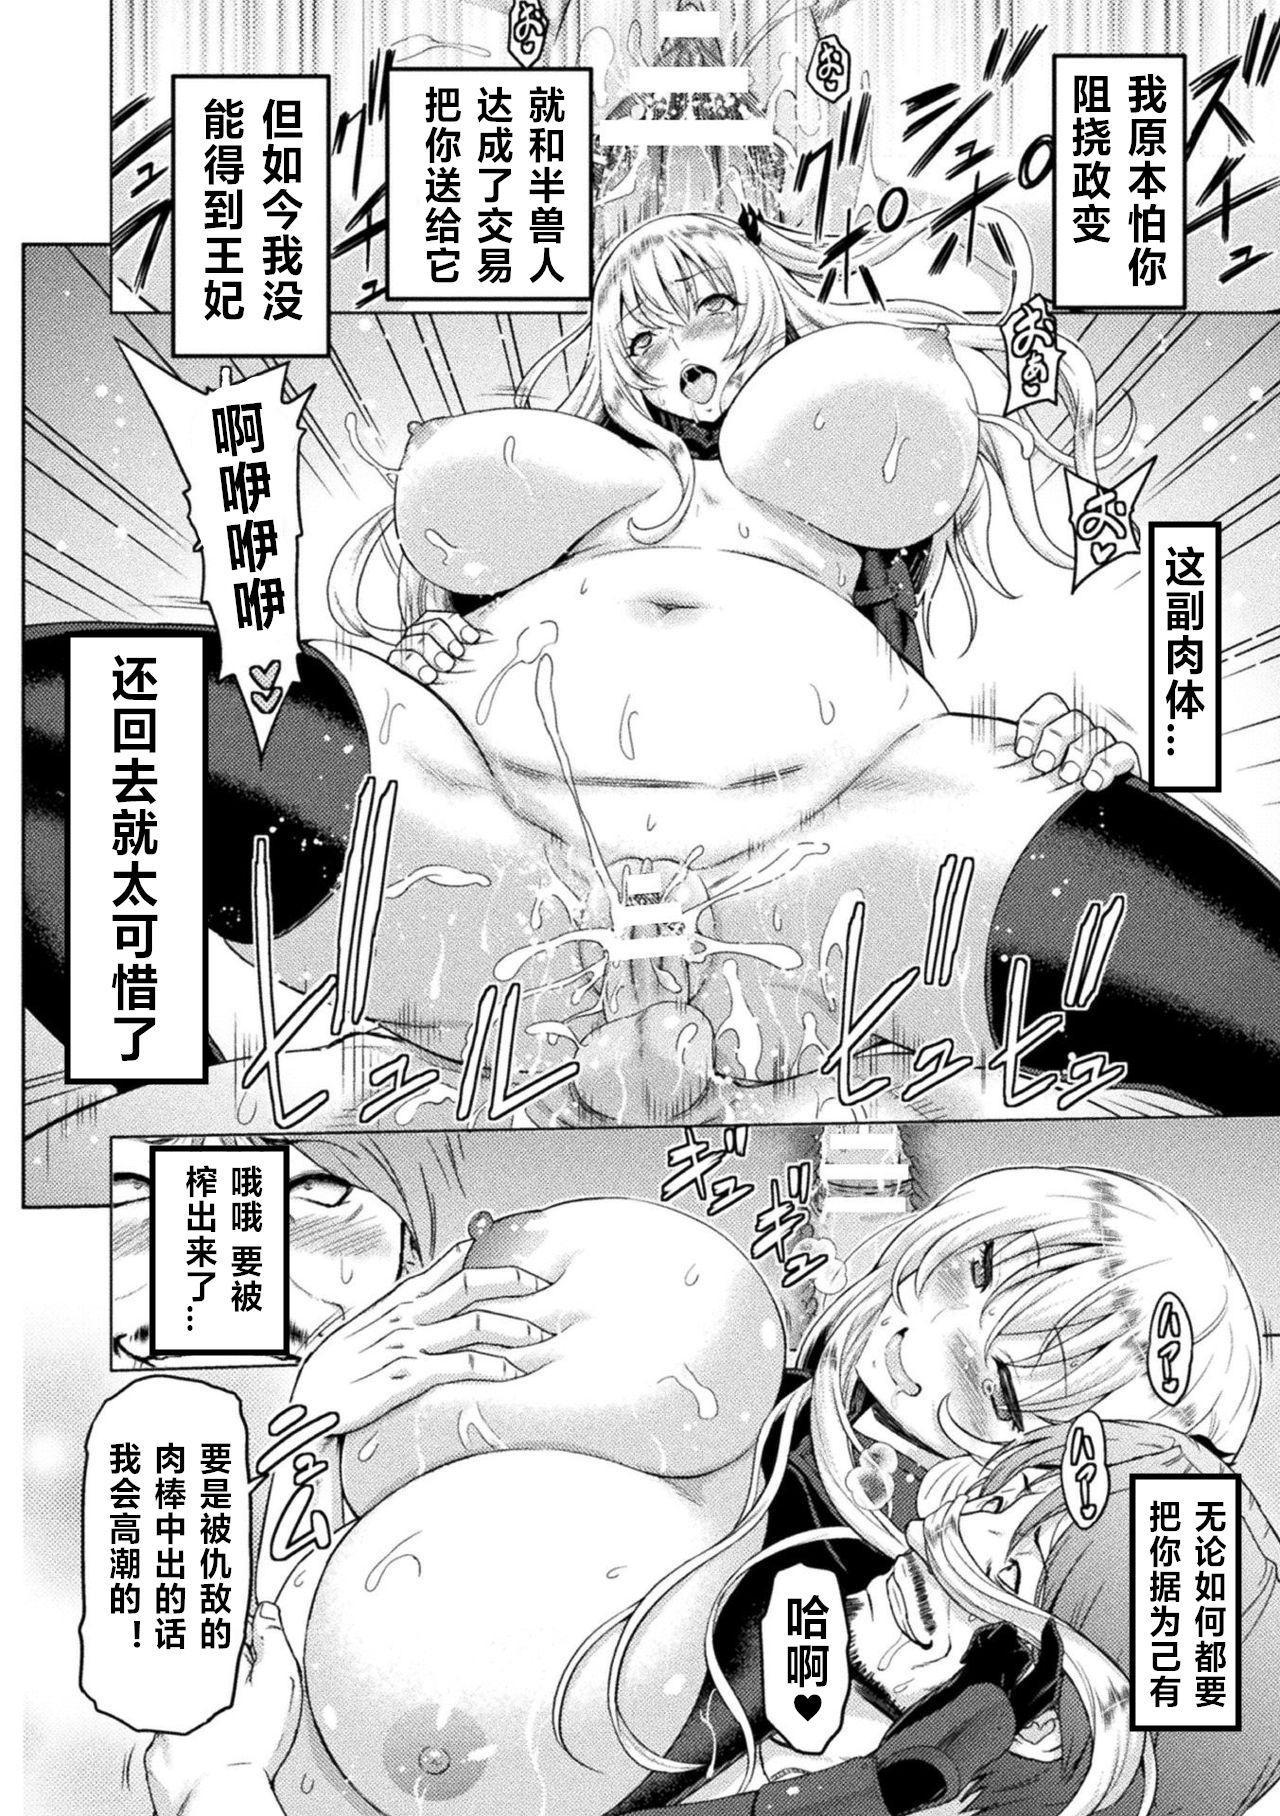 ERONA Orc no Inmon ni Okasareta Onna Kishi no Matsuro Ch. 1-5 91